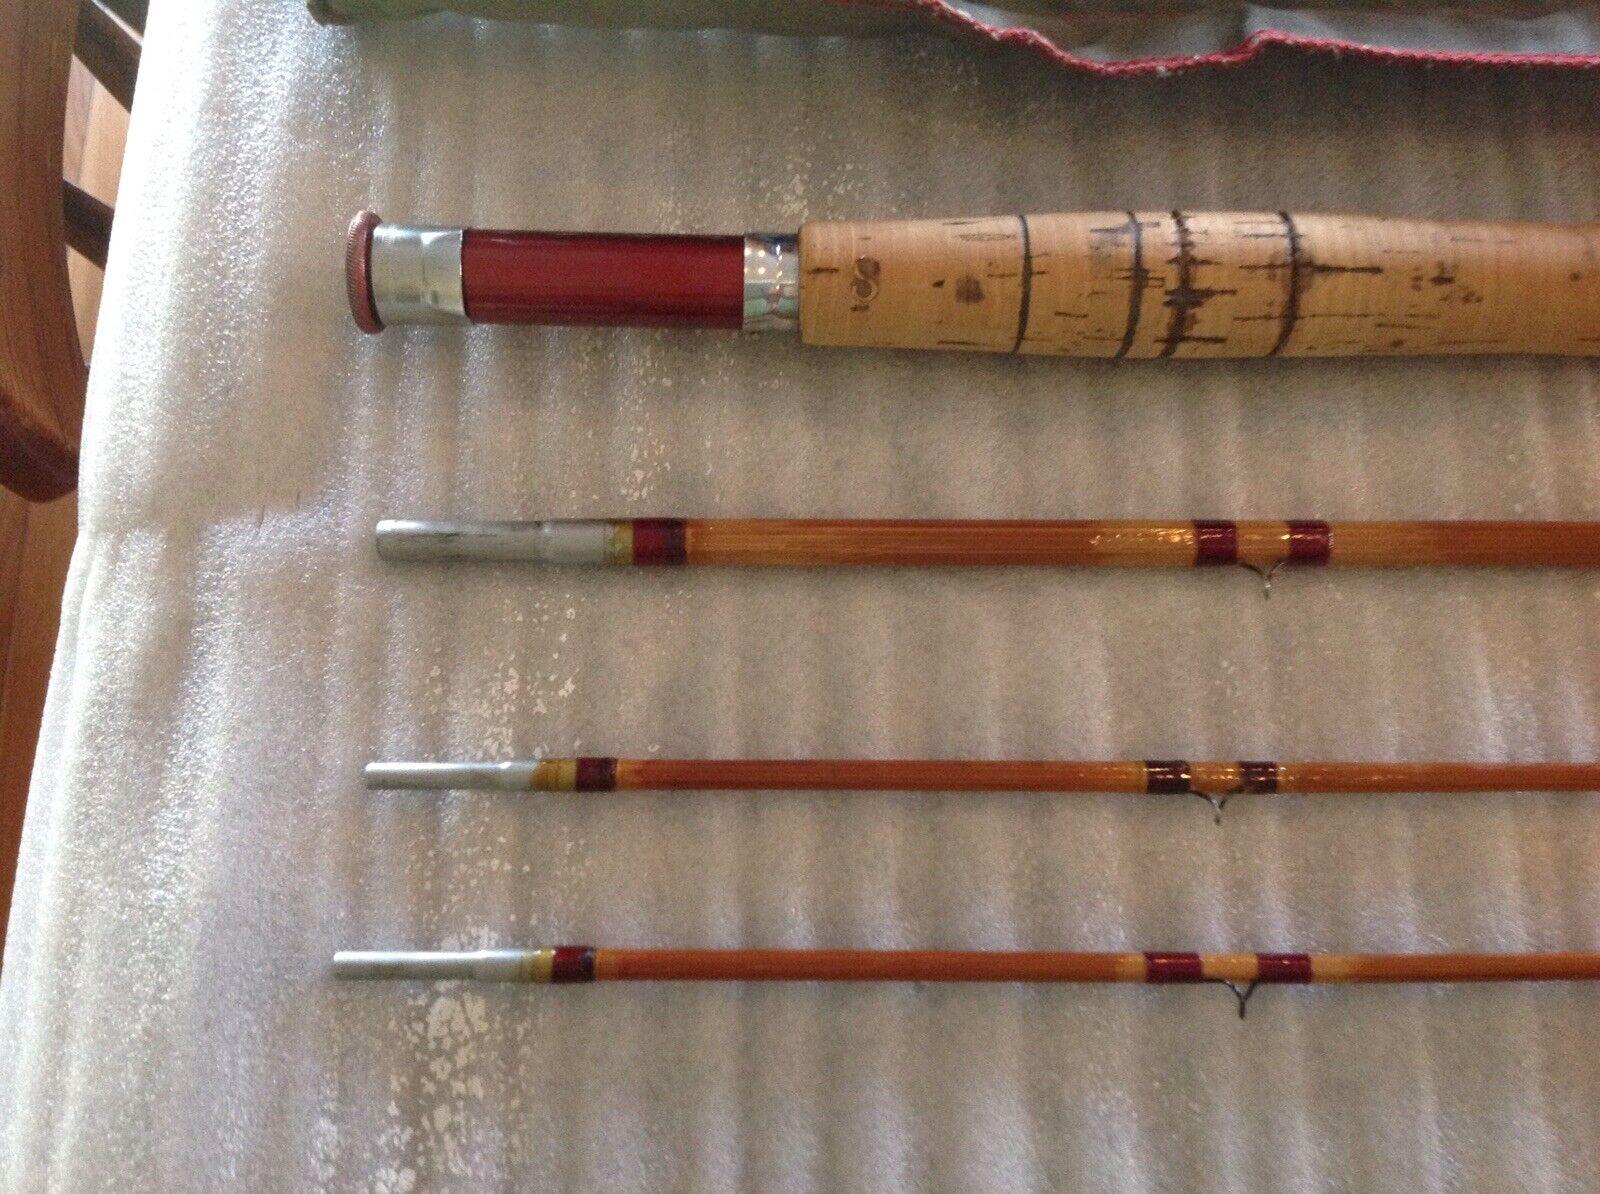 South Bend Bamboo Fliegen Rod, Model 53-9, 6 - 7 weight, 3 2, partial restoration